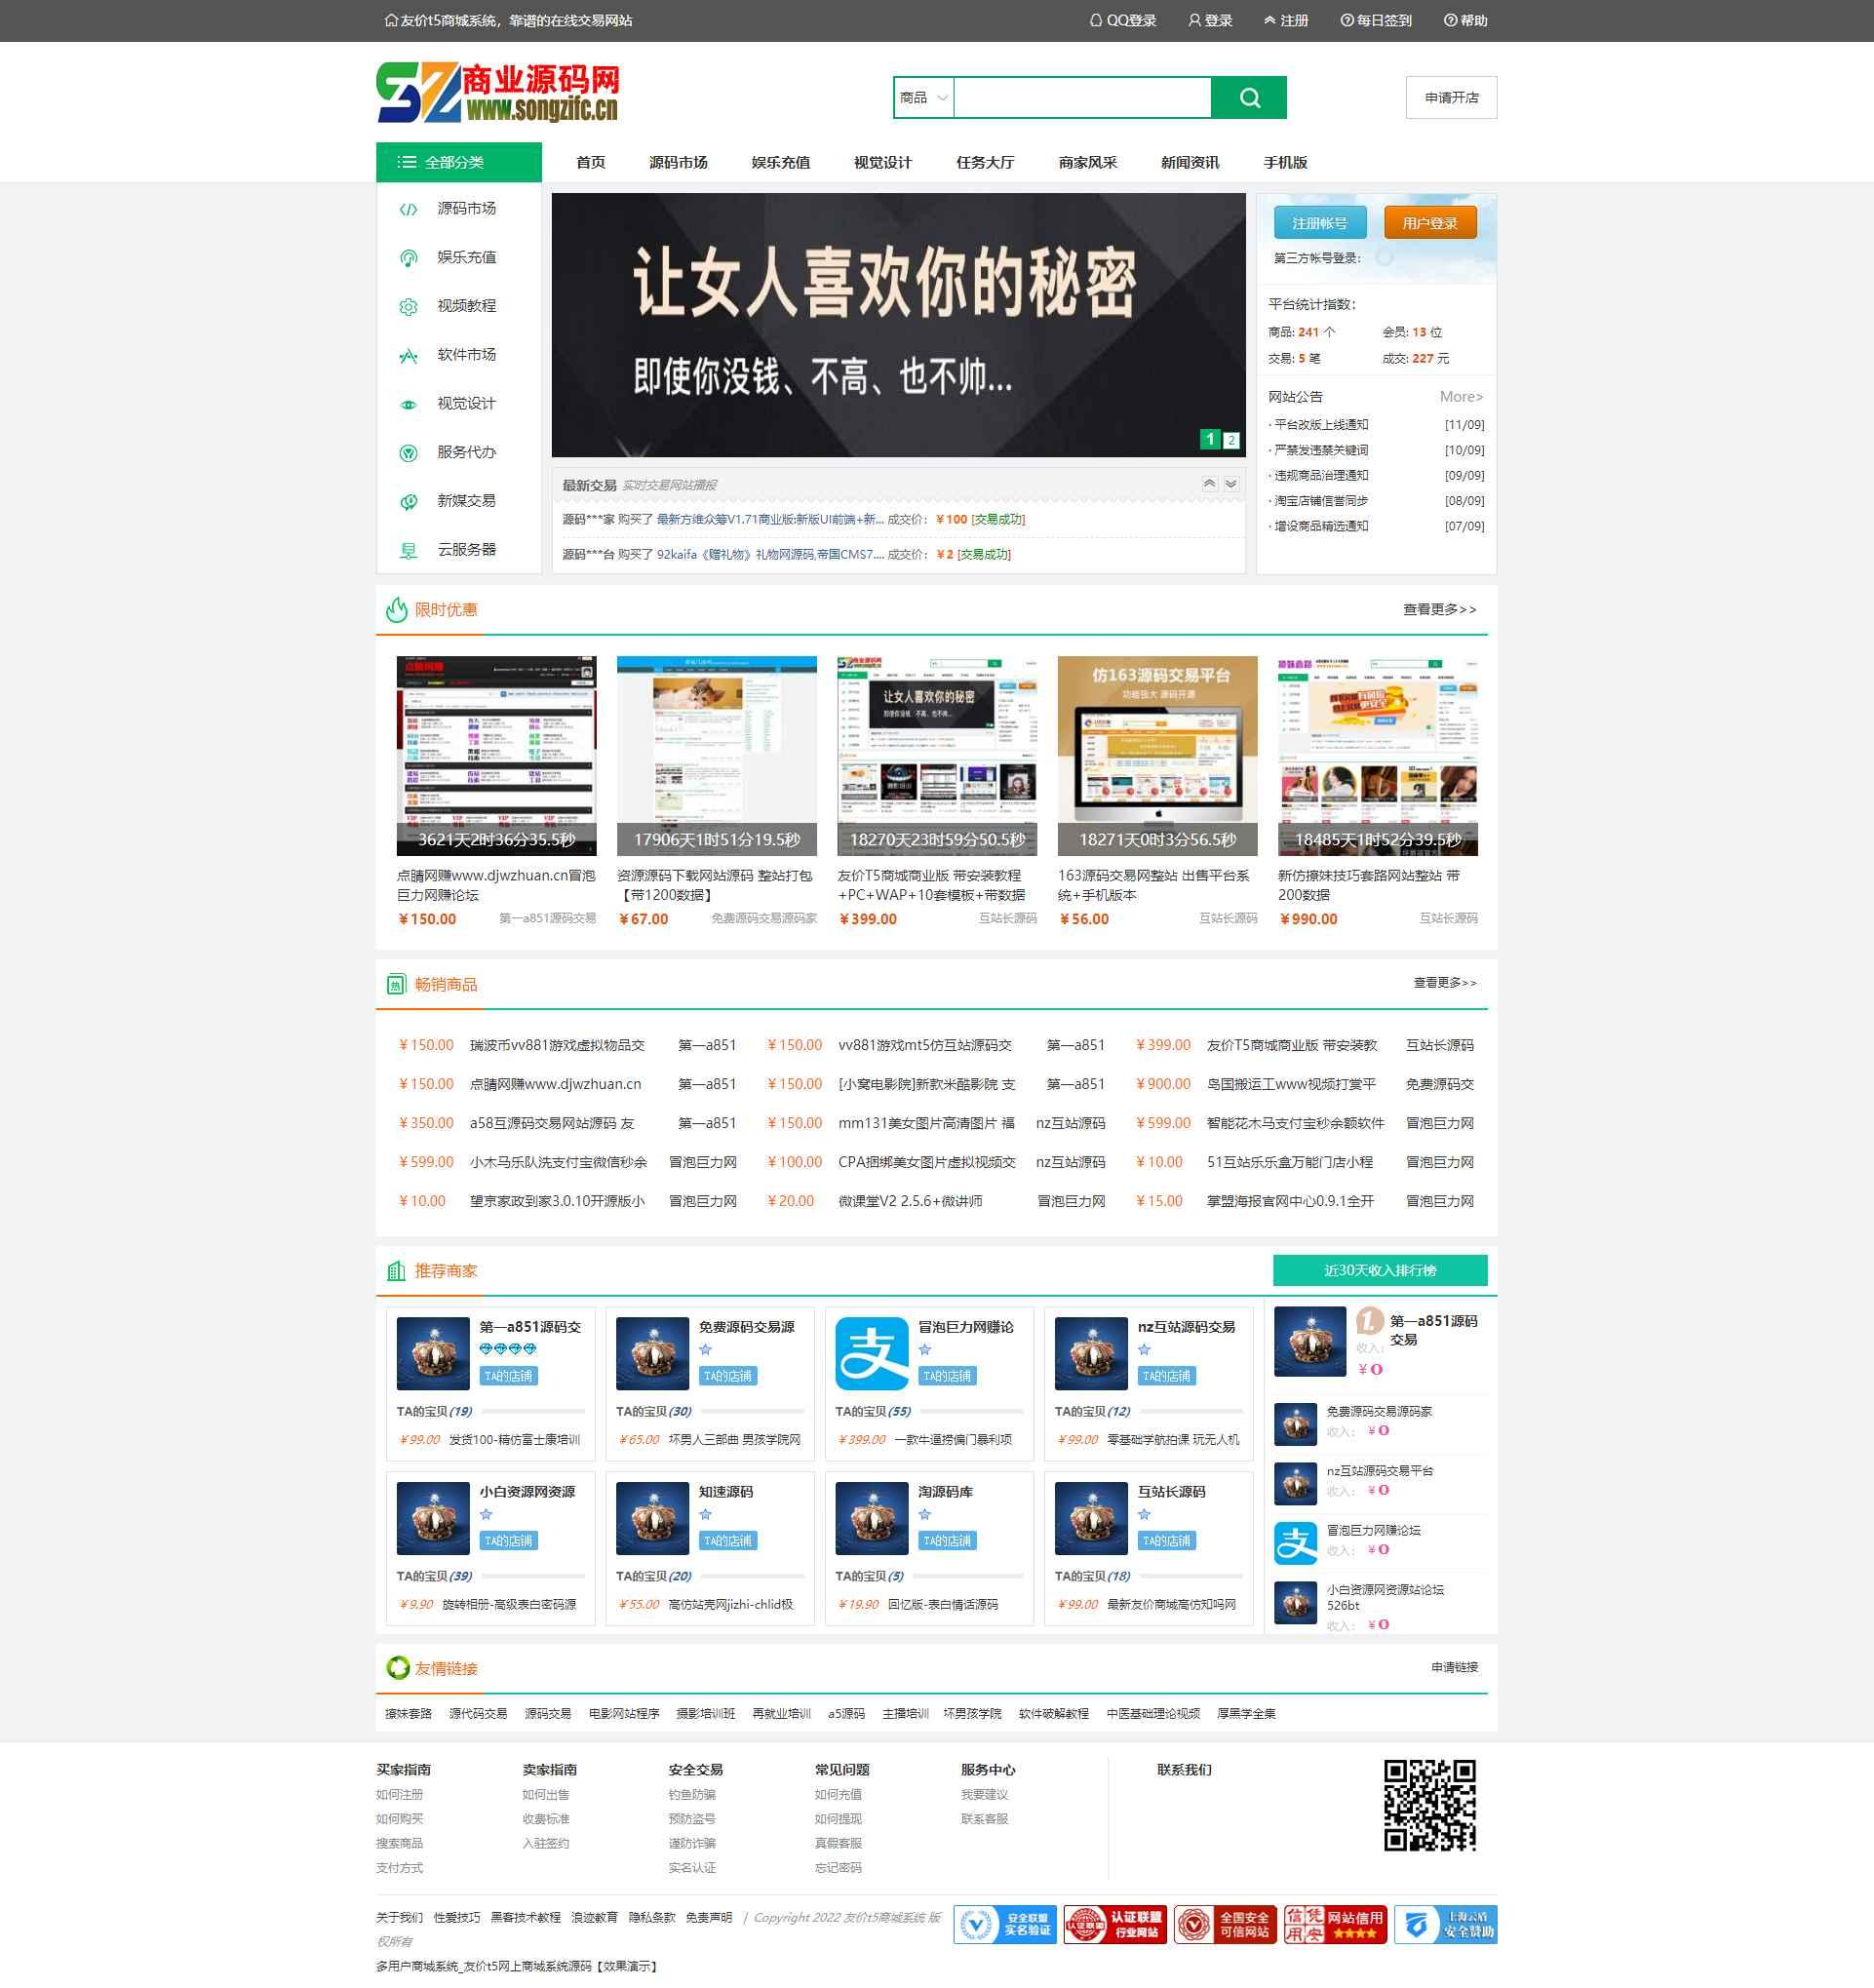 仿互站网最新运营版 虚拟商品交易平台